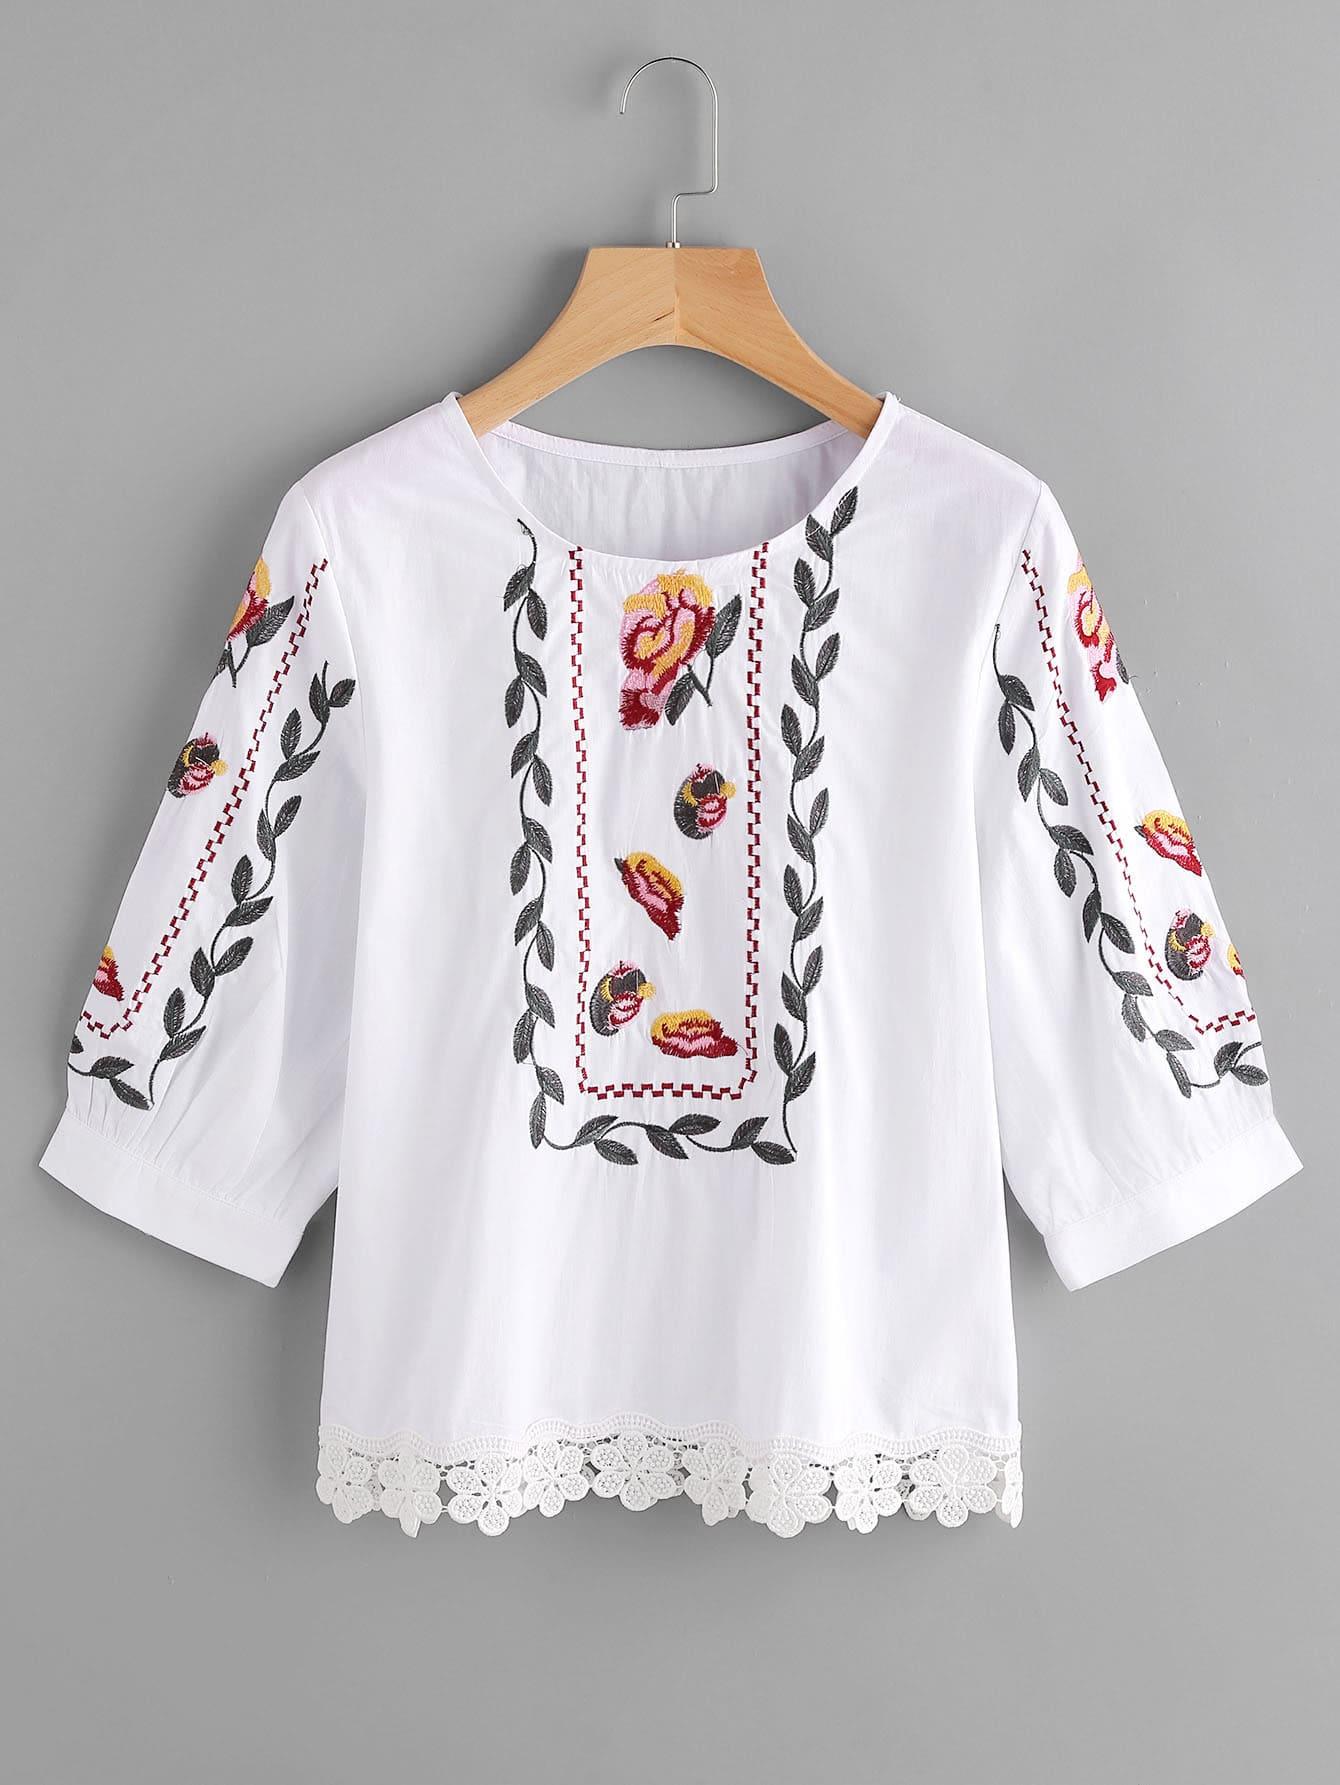 Фото Floral Lace Trim Embroidery Blouse. Купить с доставкой